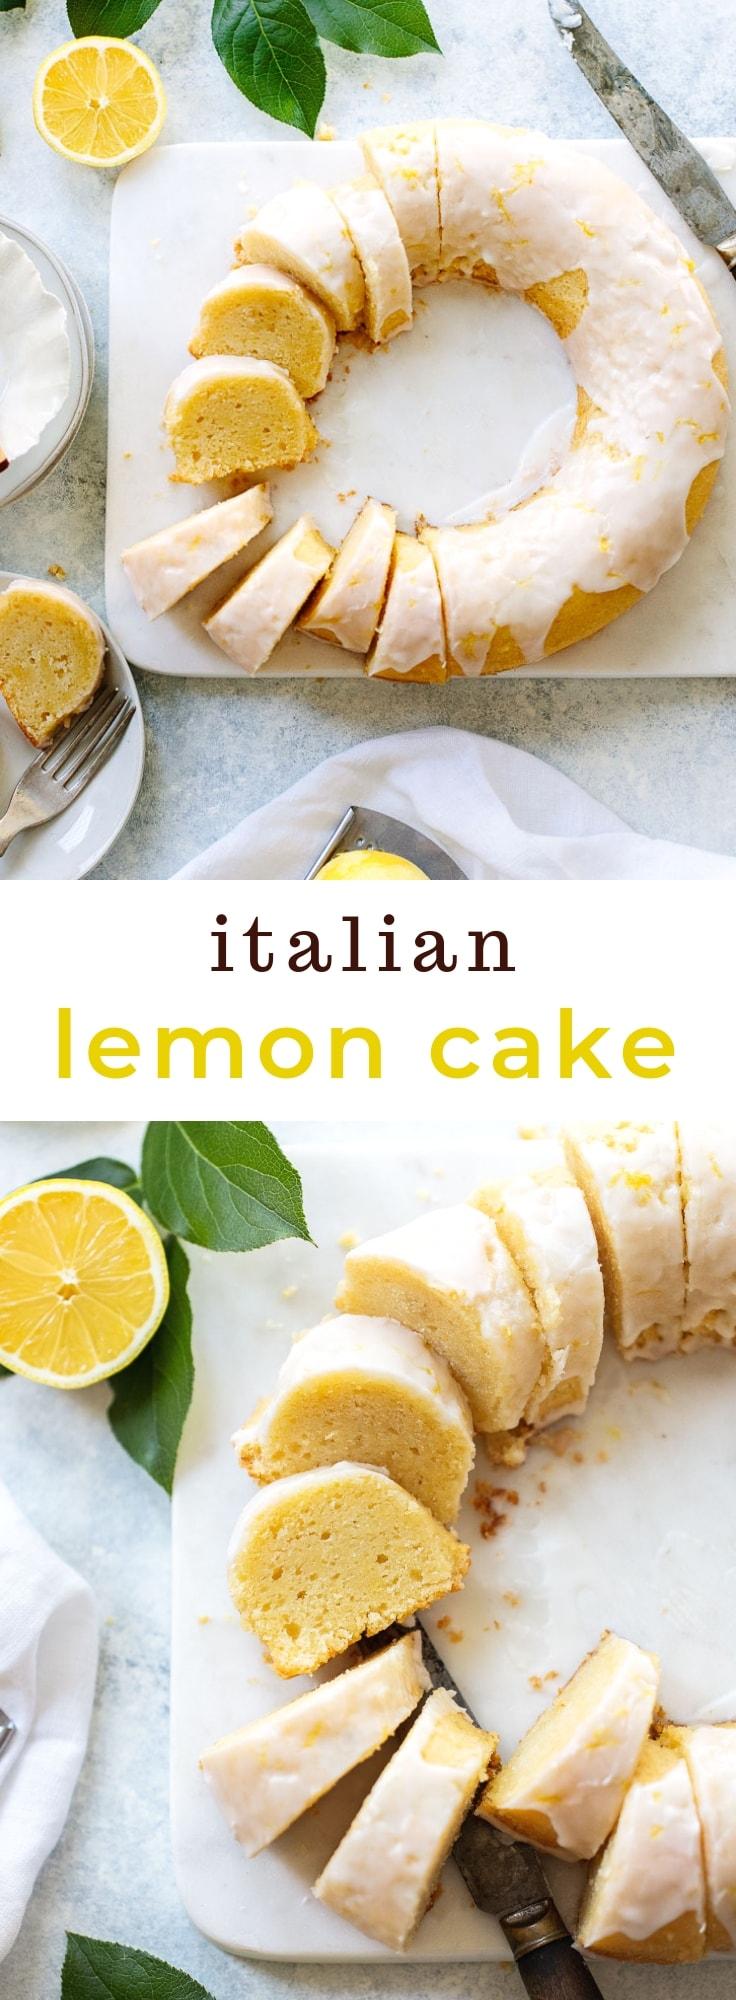 Super-Moist Double Lemon Cake with Limoncello Glaze